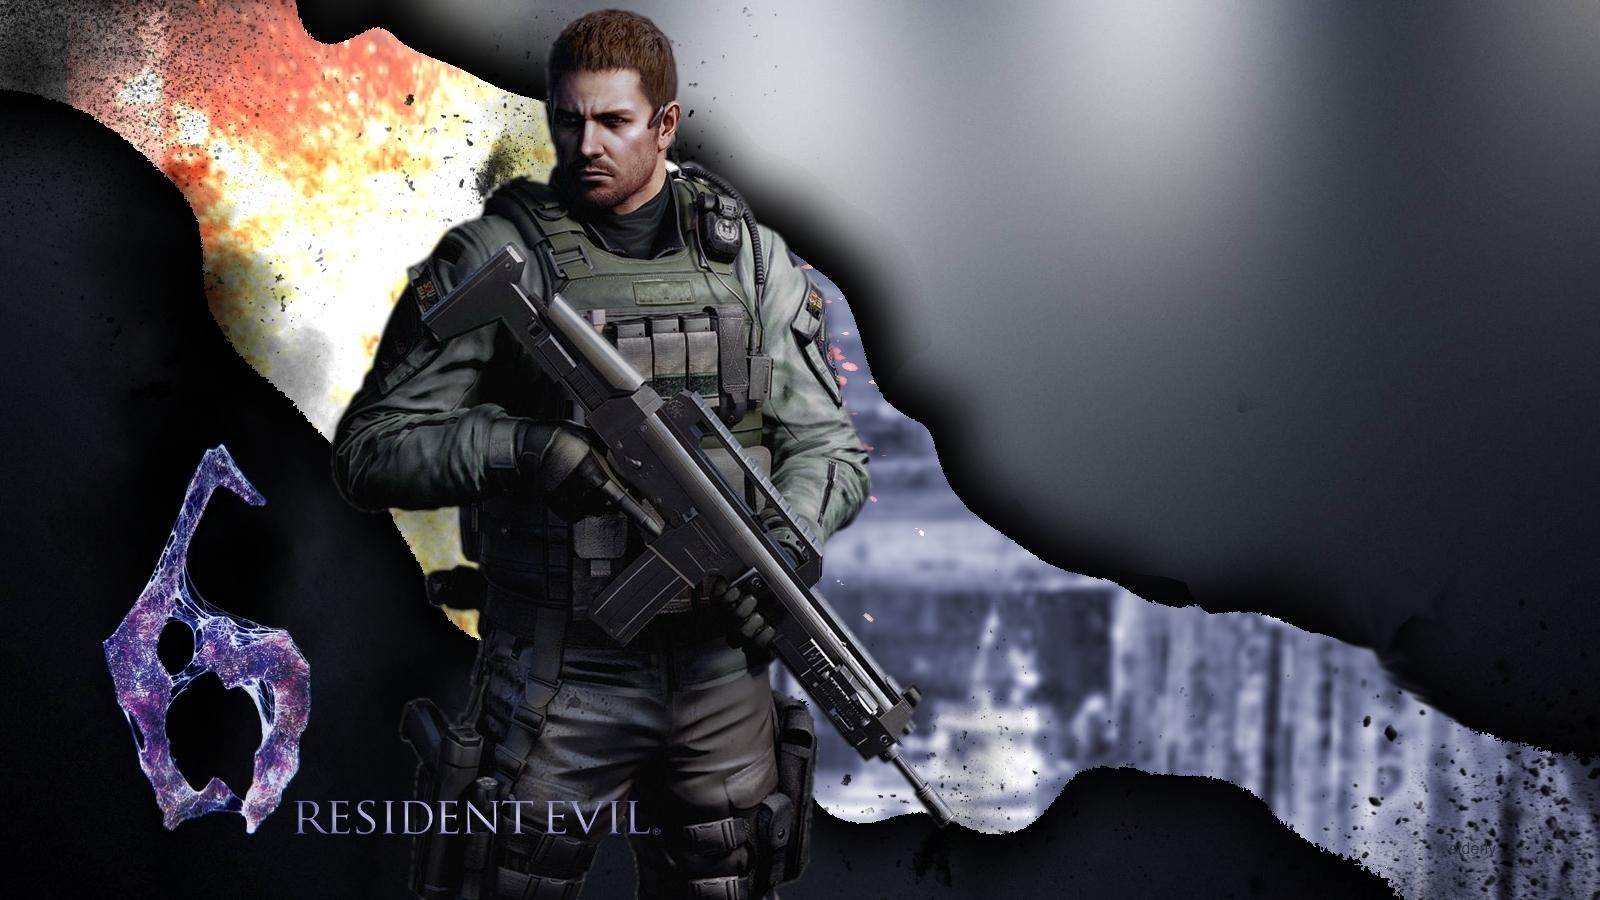 Rendered Bits: Resident Evil 6 Wallpaper